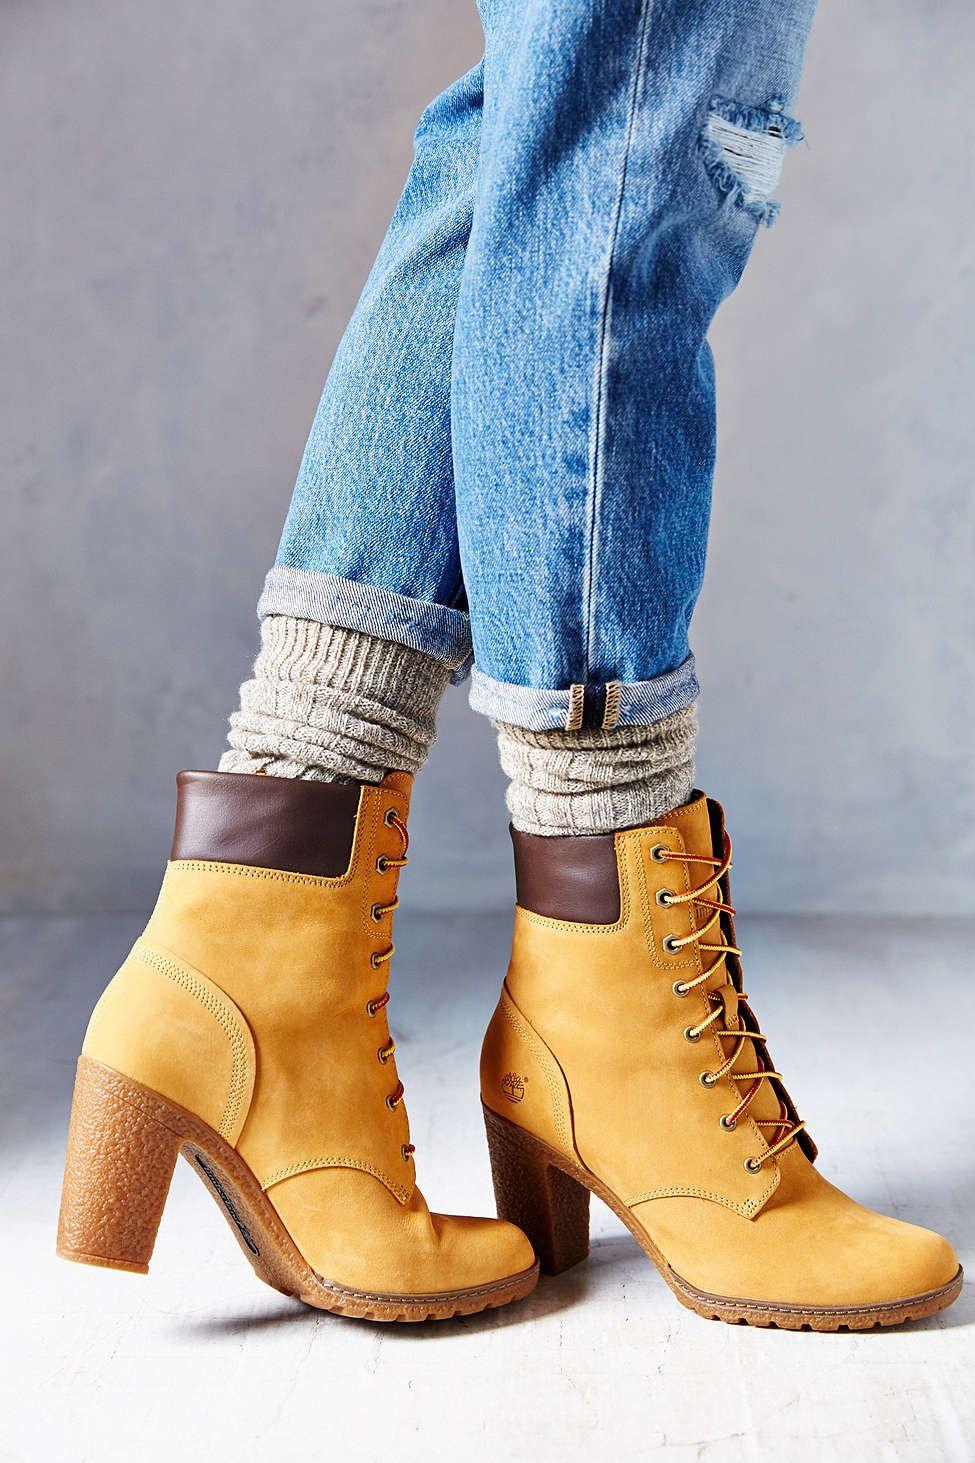 Timberland Glancy Wheat Heeled Boot | Scarpe, Timberland e